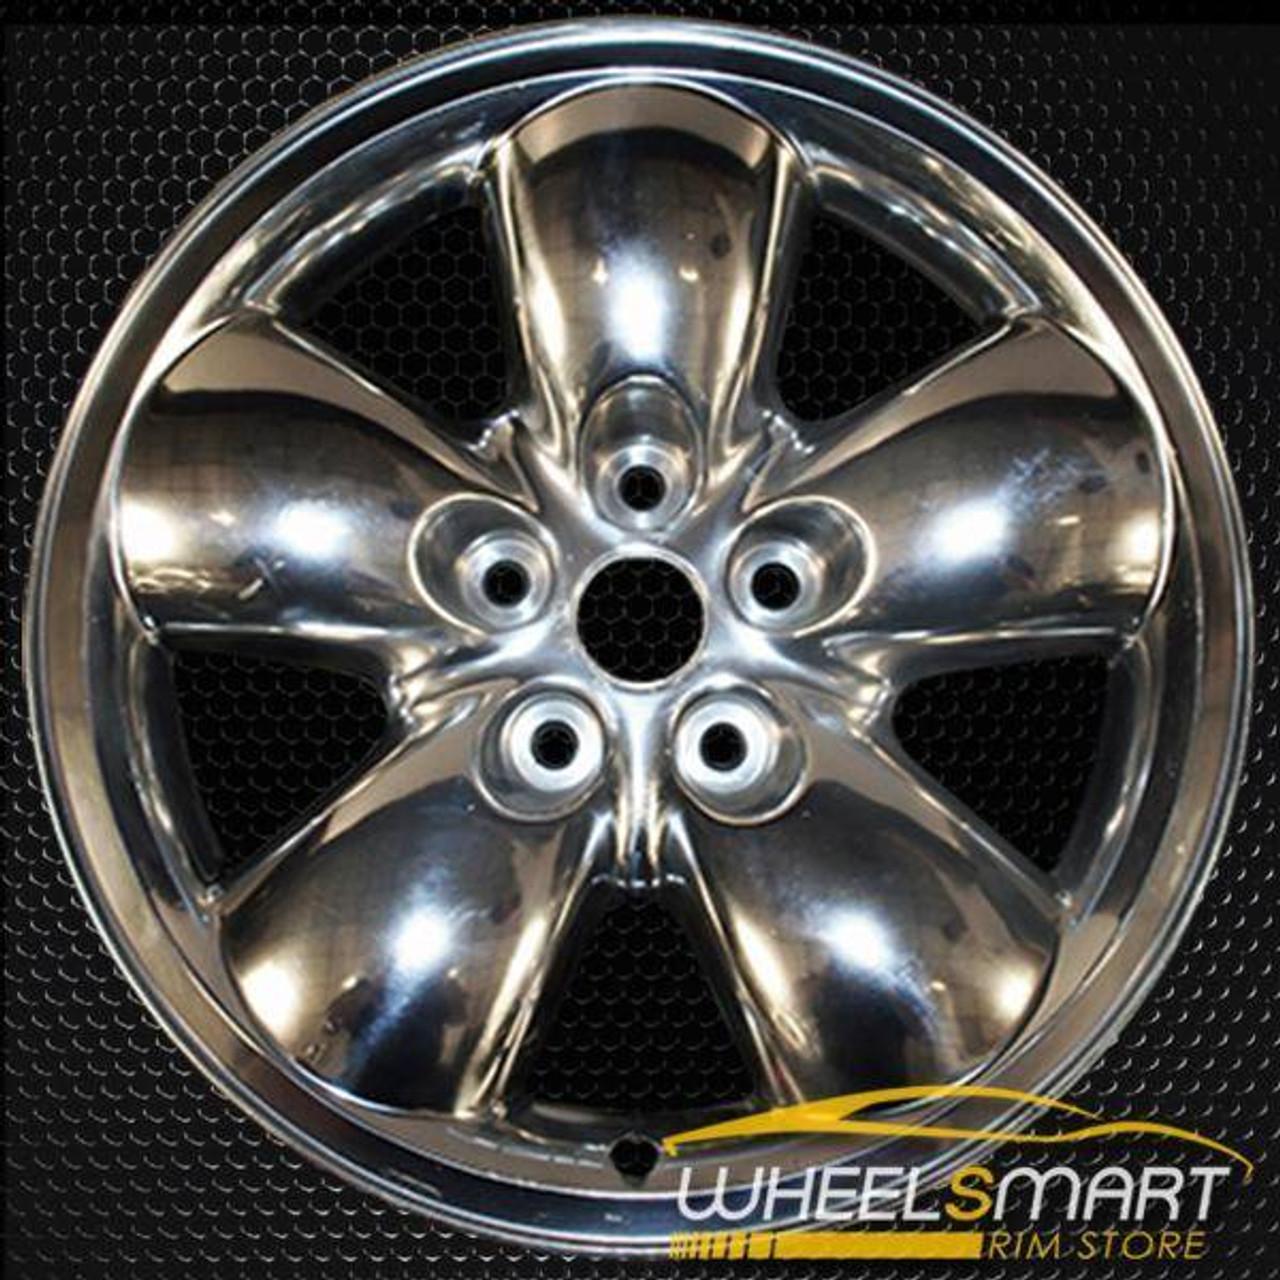 2002 2005 Dodge Ram 1500 Oem Wheels For Sale 20 Polished Rim 2167